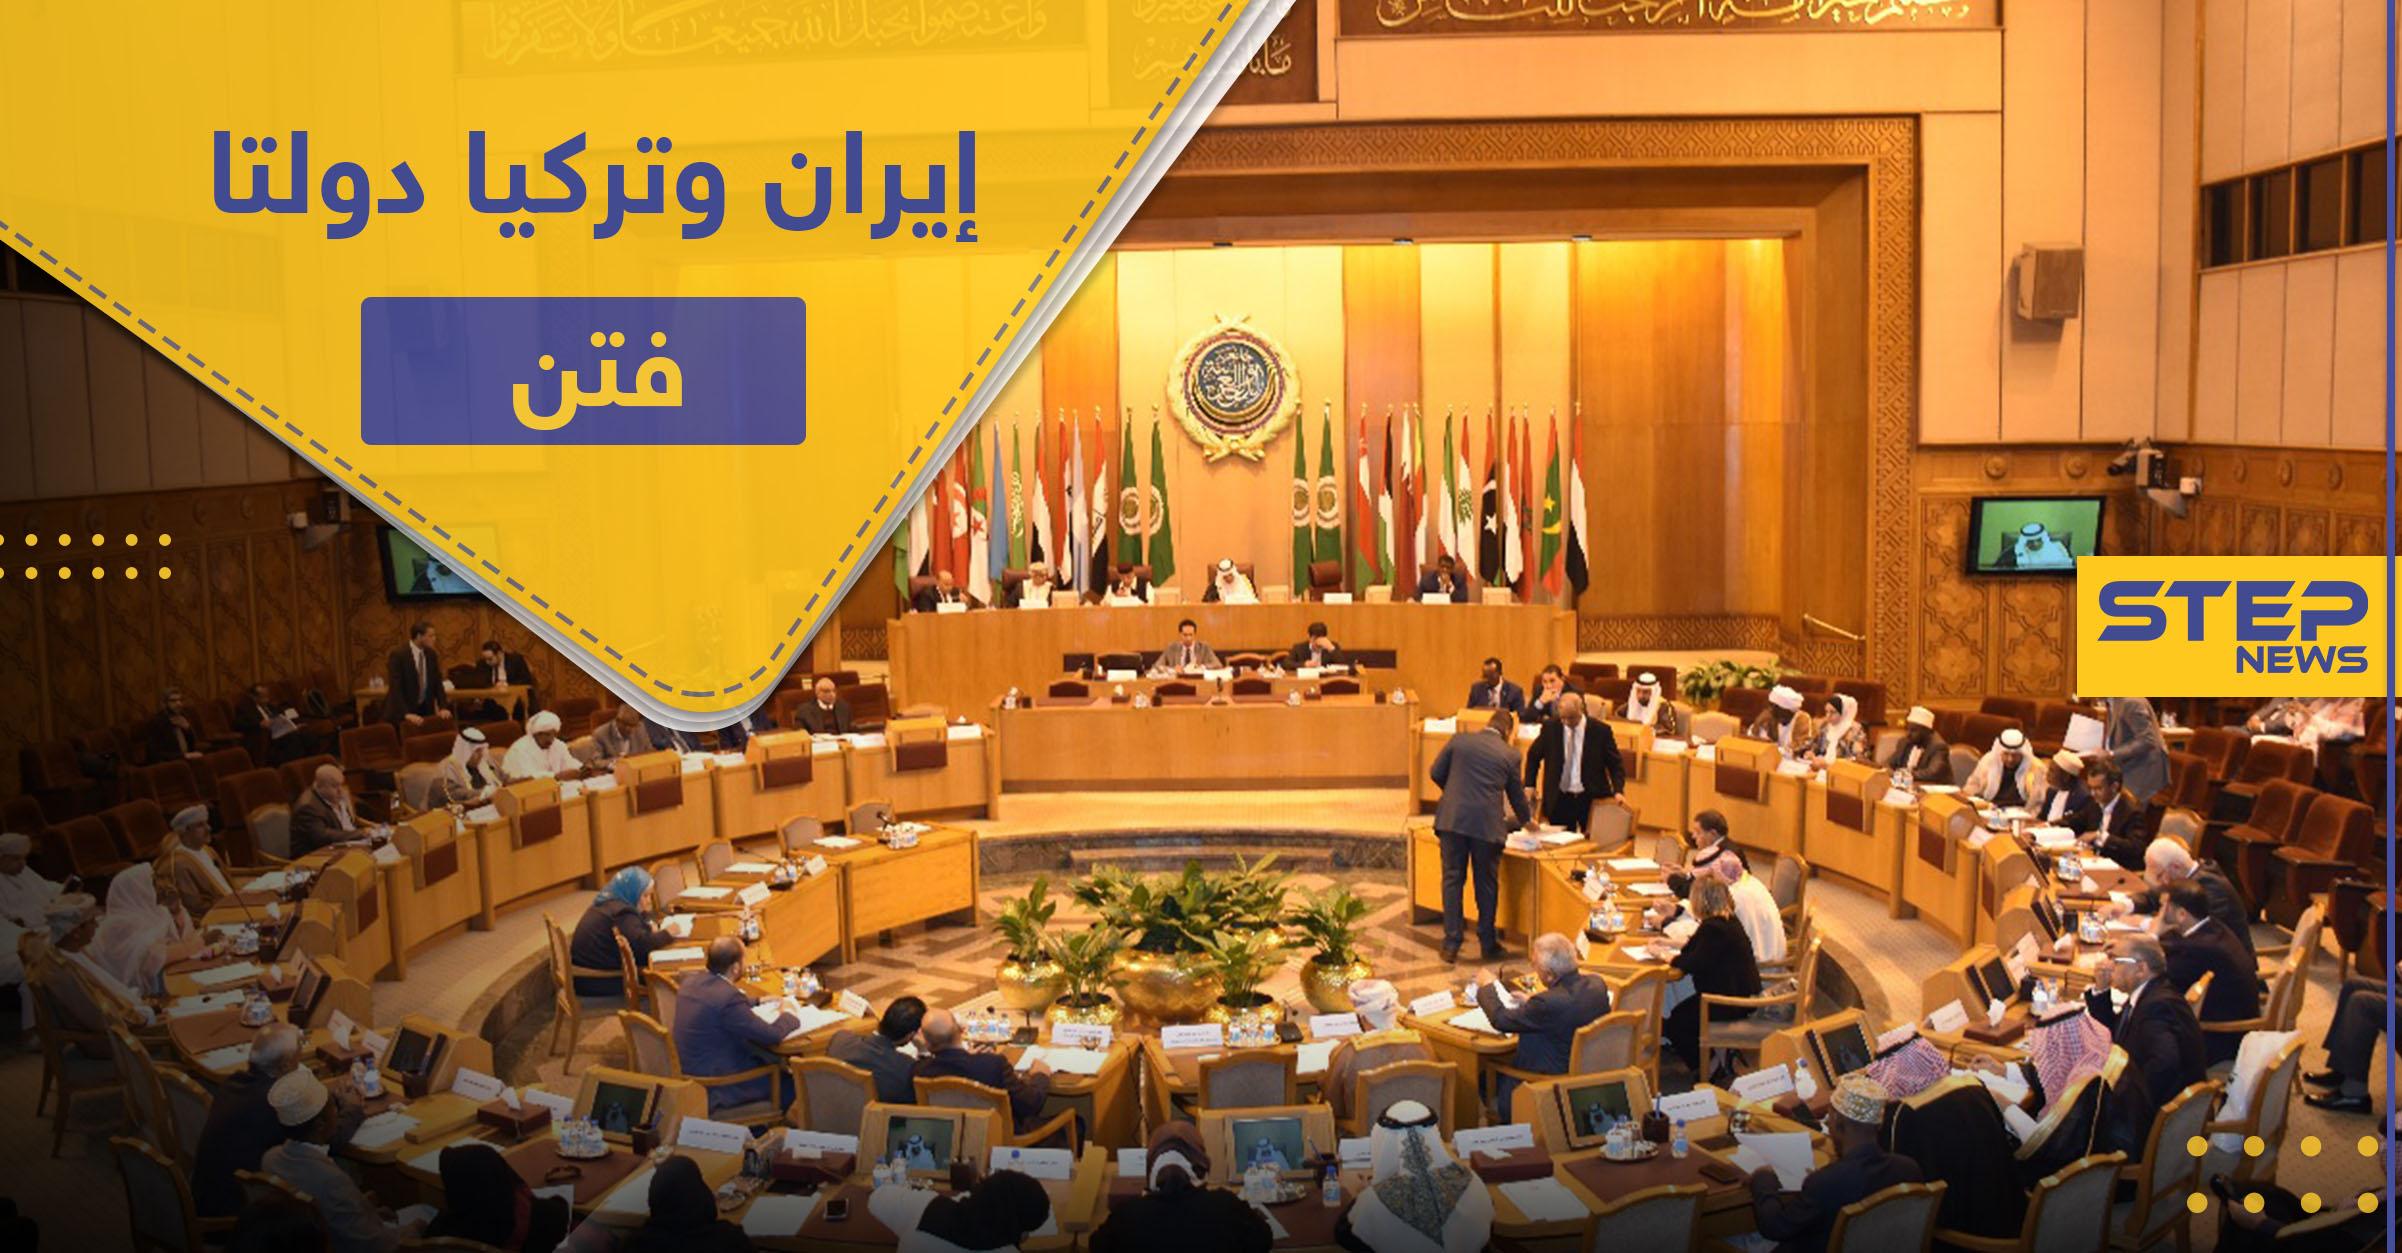 الجامعة العربية: تركيا وإيران دولتا فتن وخلافات..